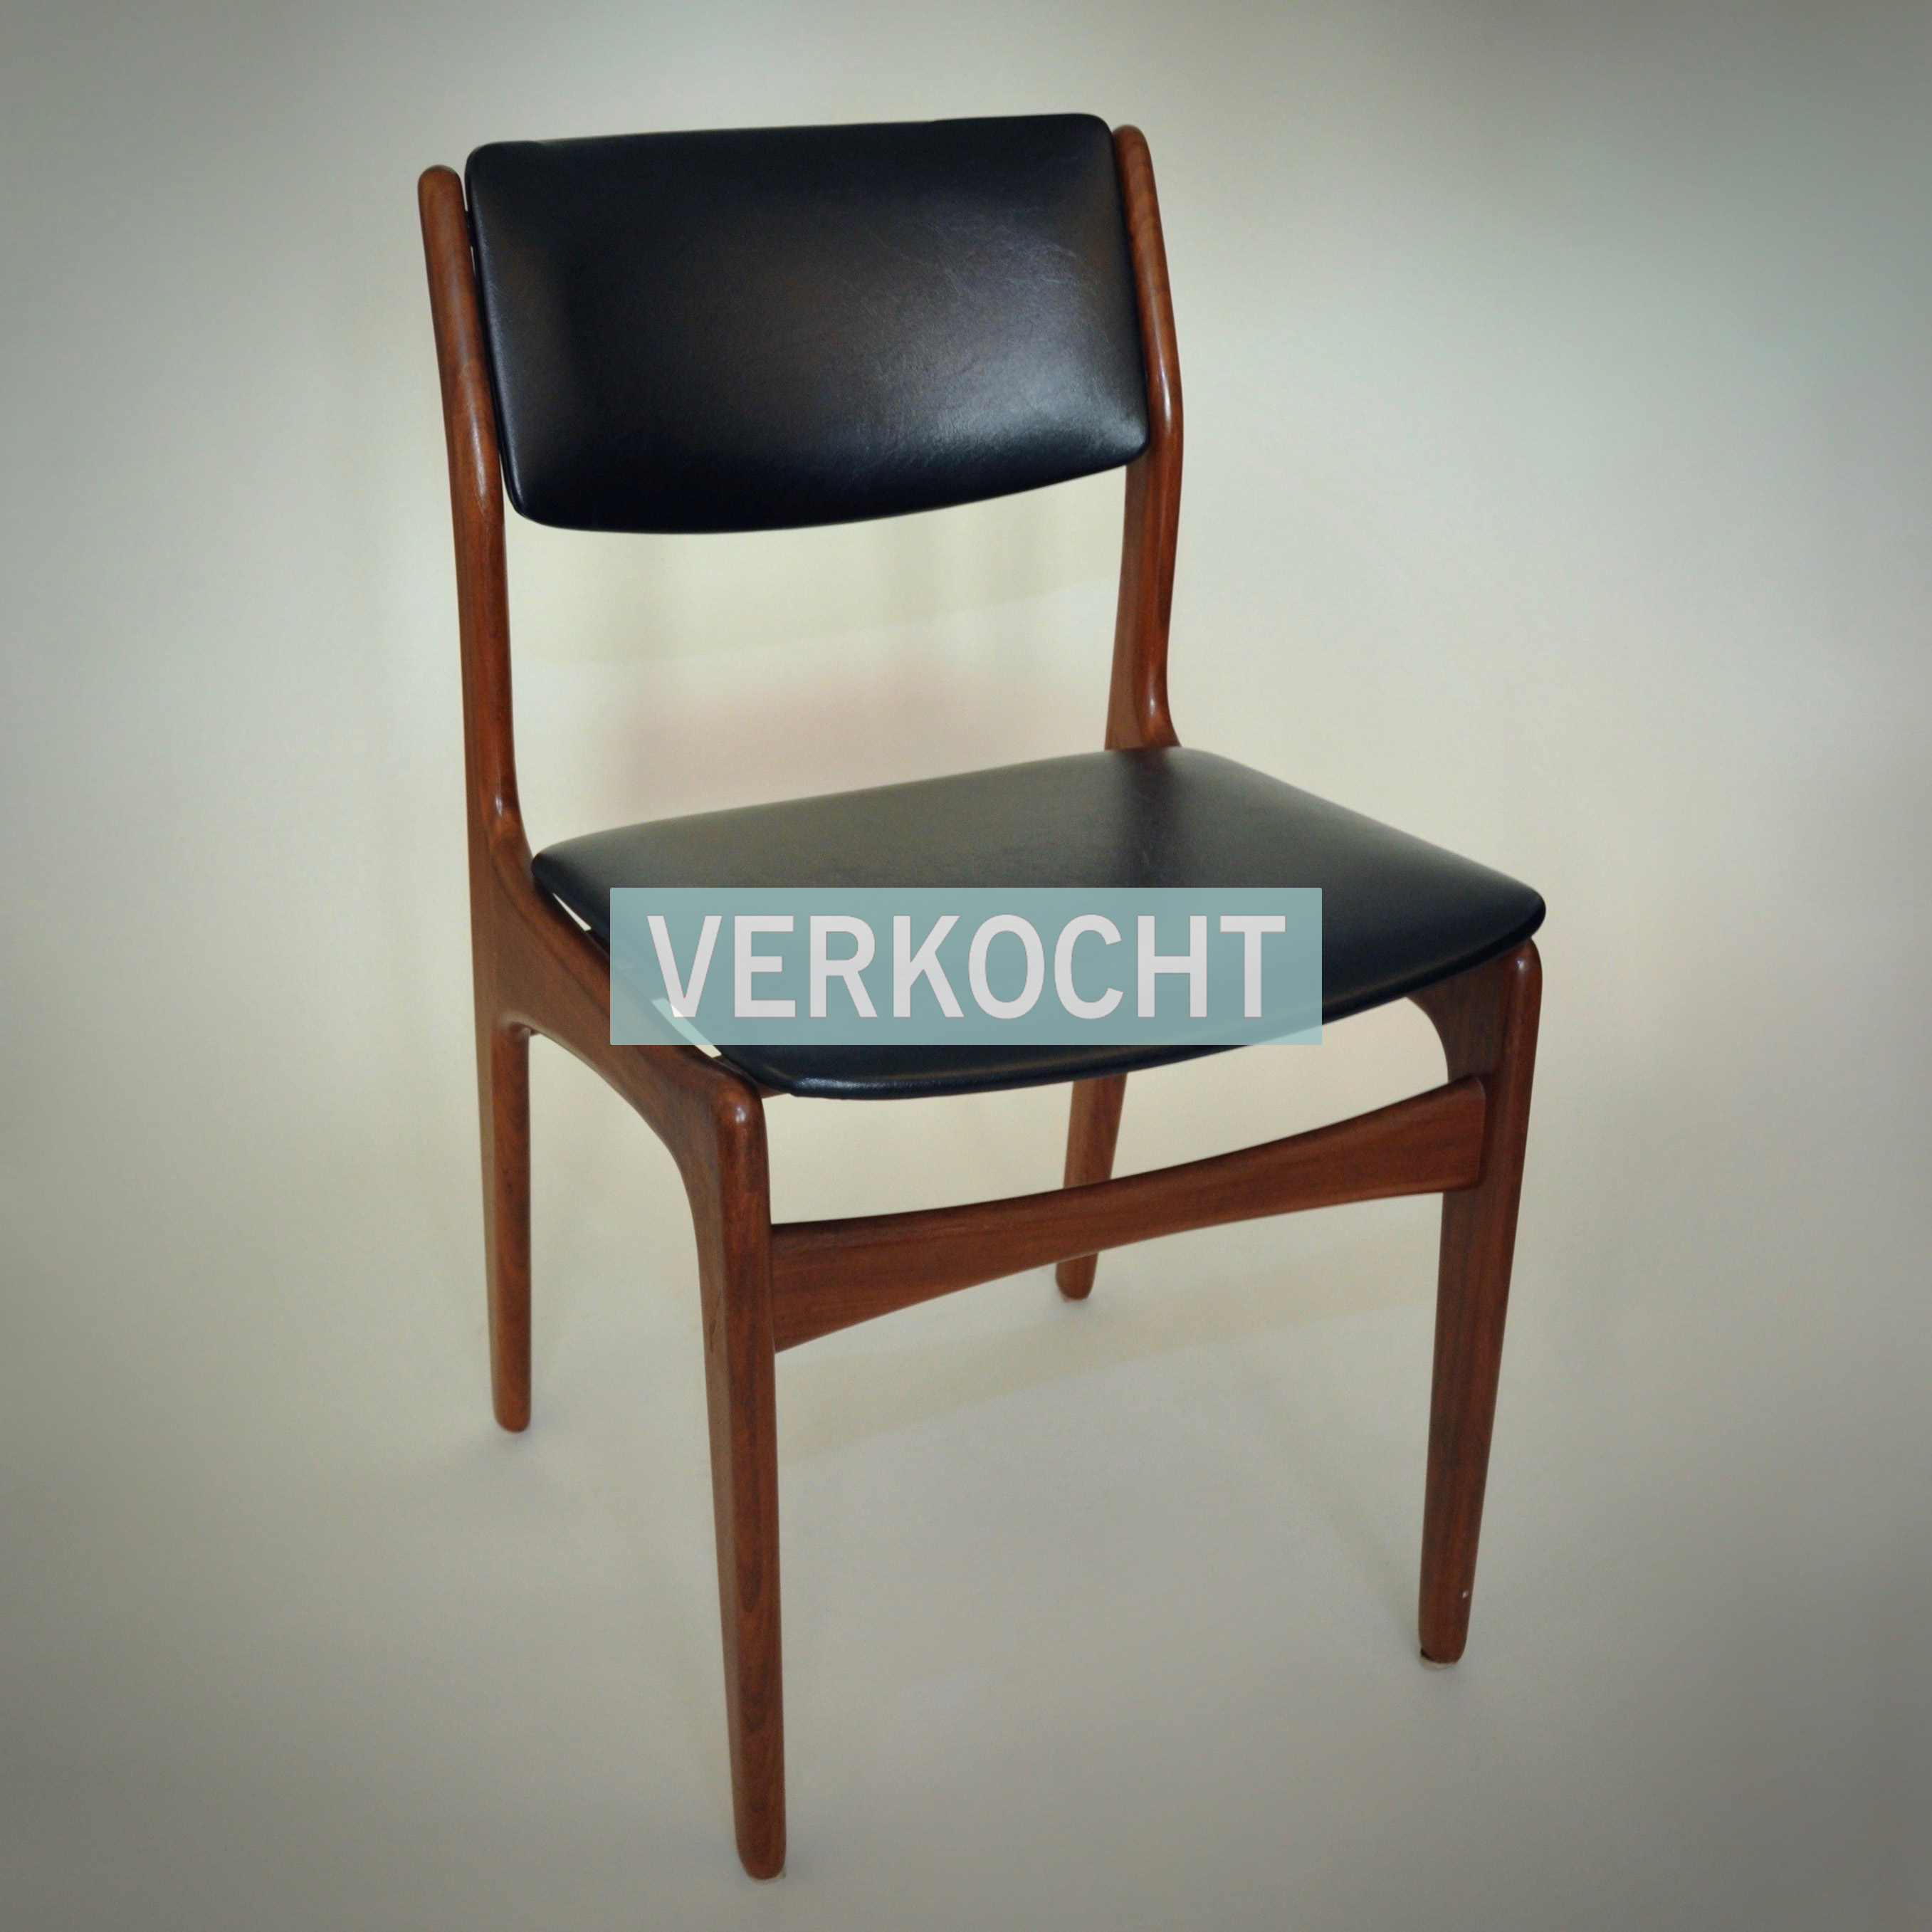 Vintage Webe stoel eetkamerstoel